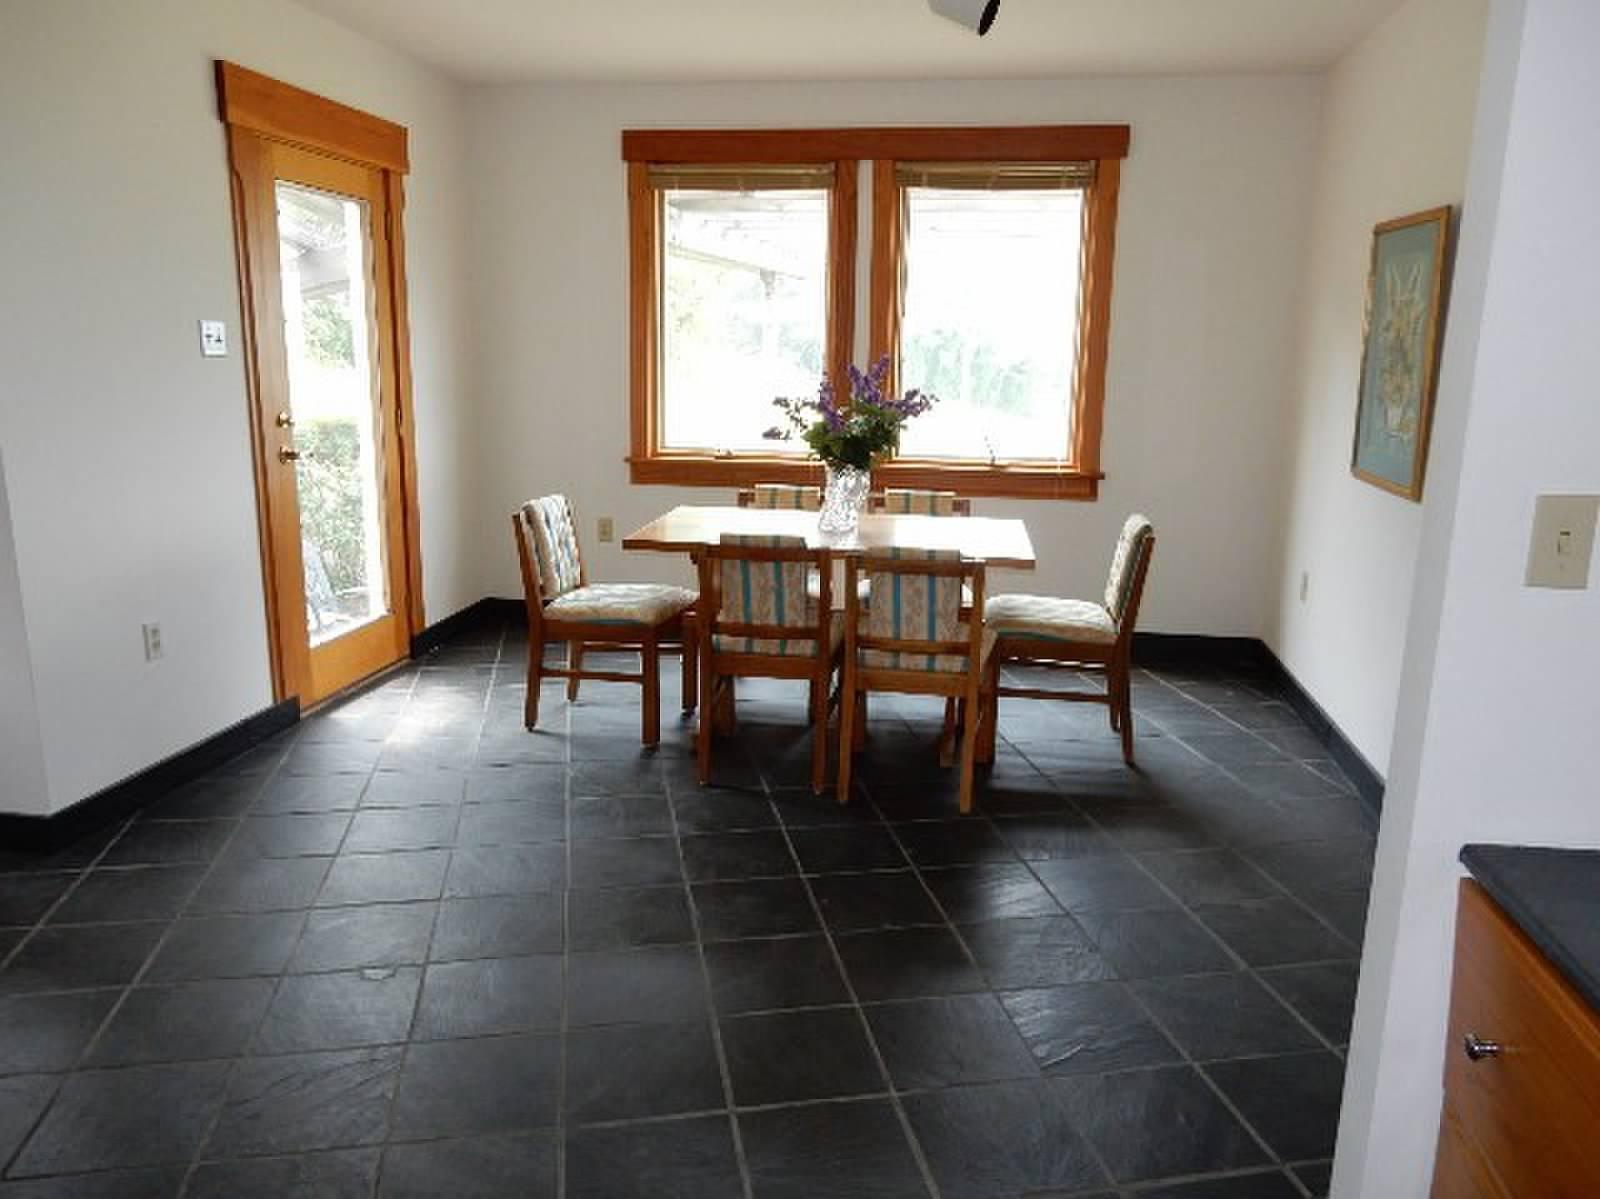 Main Floor Breakfast Room